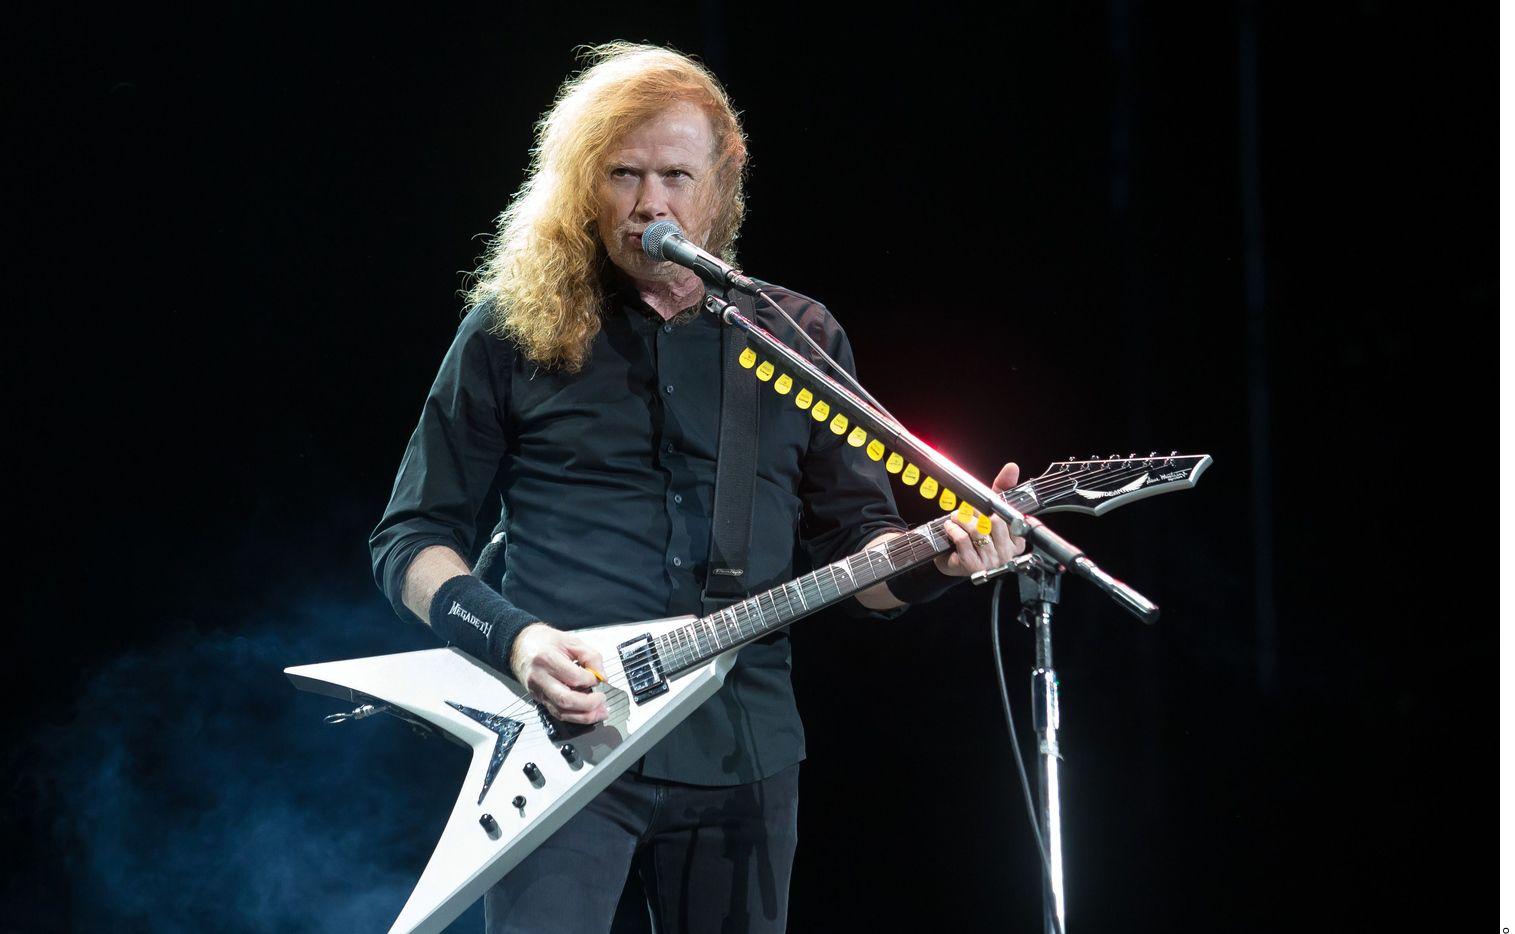 Dave Mustaine, de Megadeth, reveló tiene cáncer de garganta. Foto Agencia Reforma